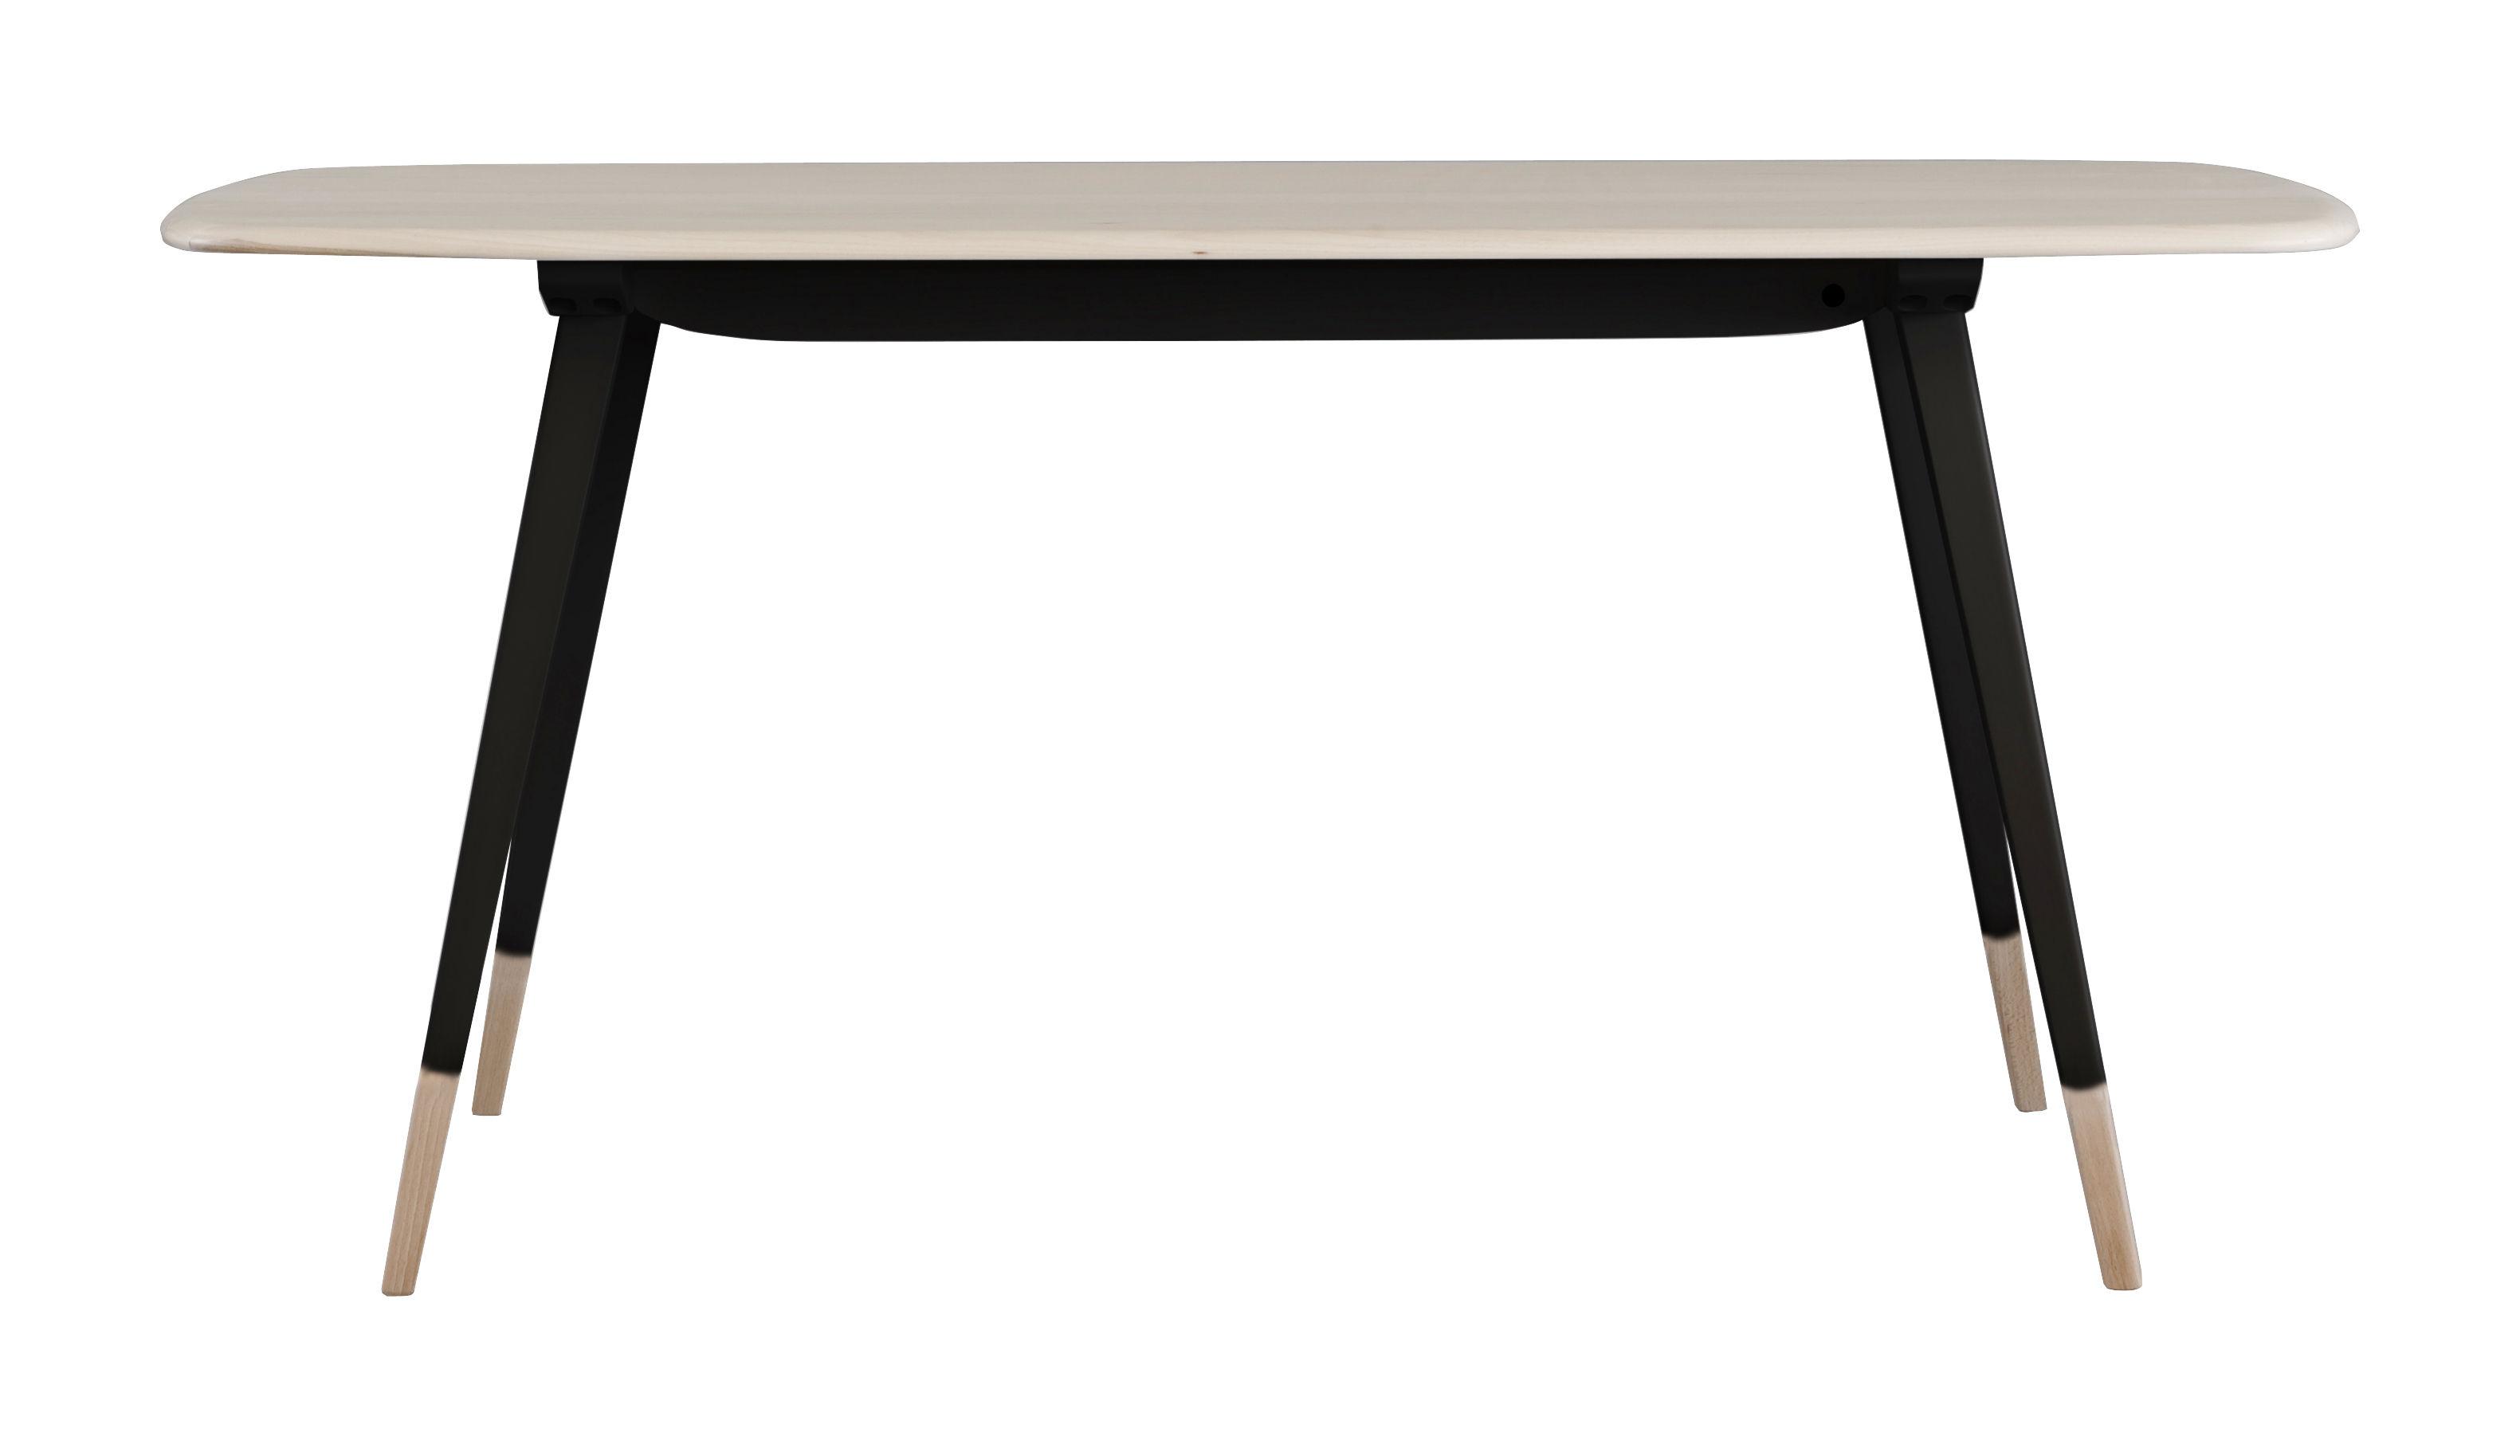 Table rectangulaire Plank / 152 x 76 cm - Réédition 1950' - Ercol noir/bois naturel en bois